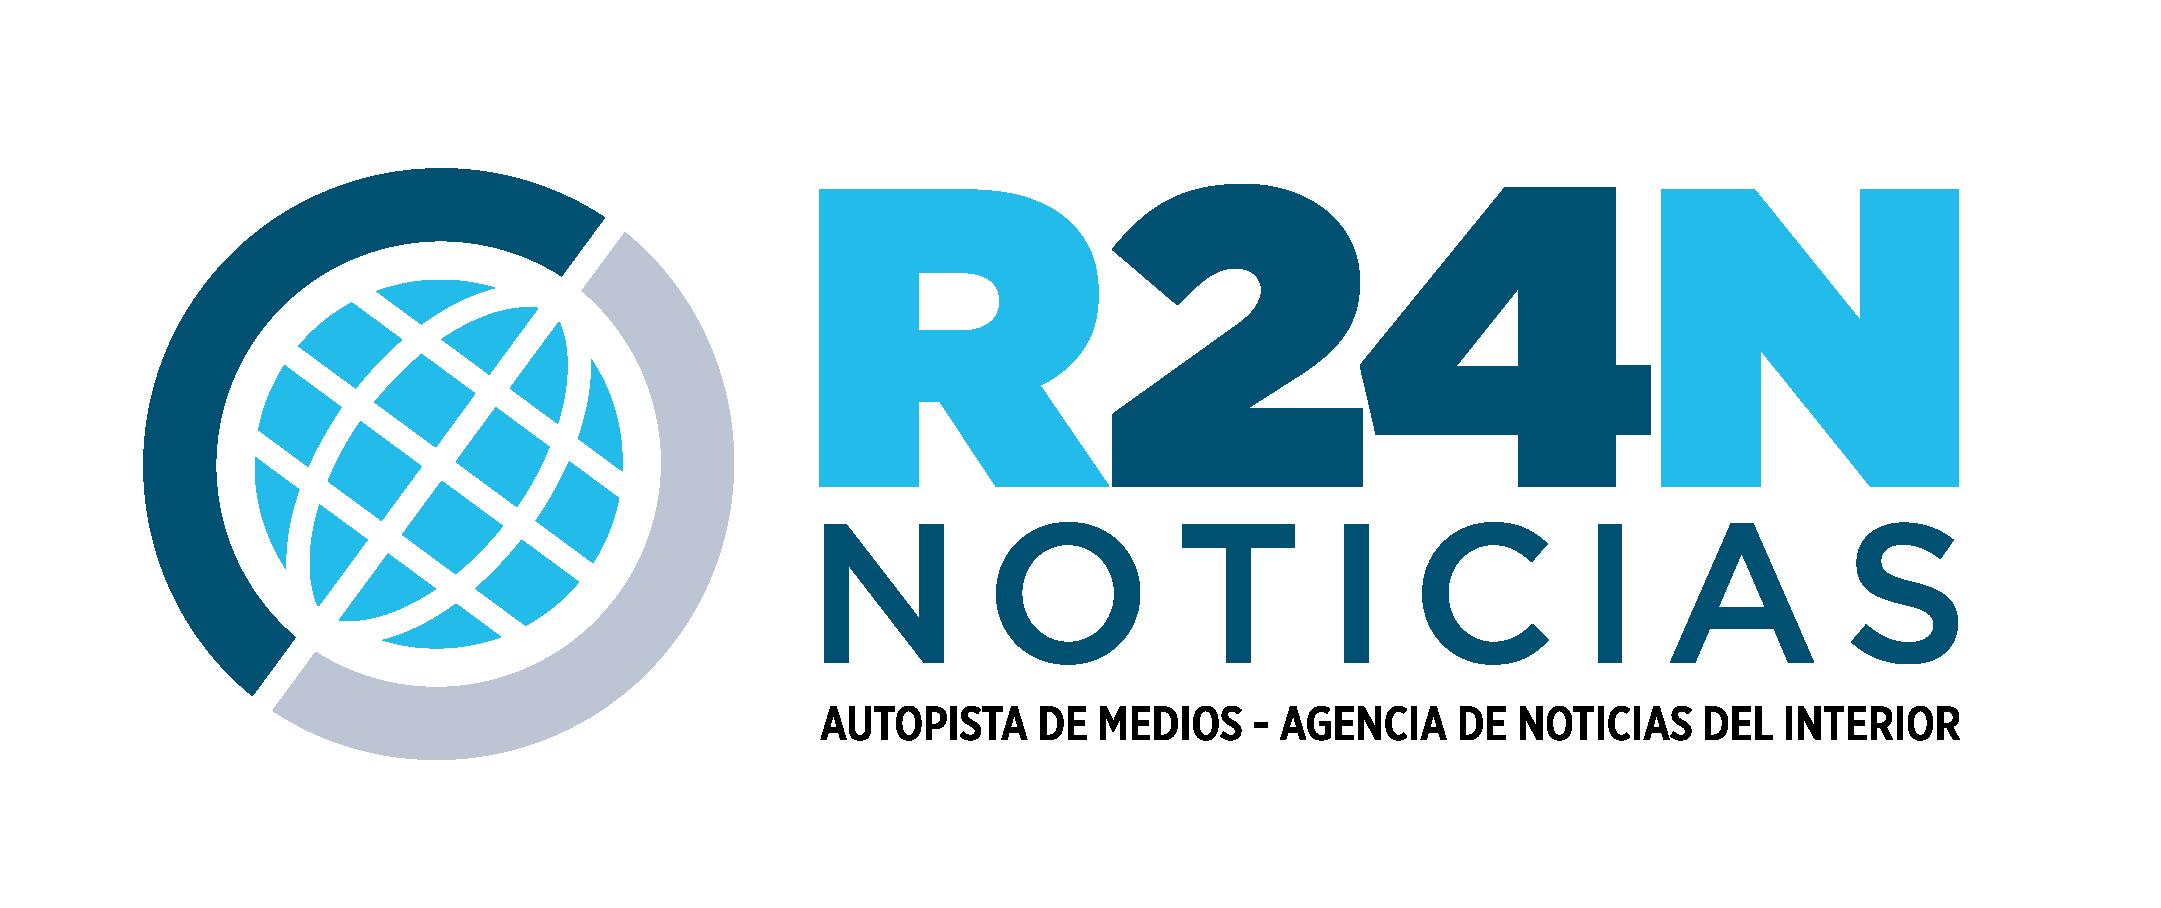 Rafaela 24 Noticias | R24N.com.ar